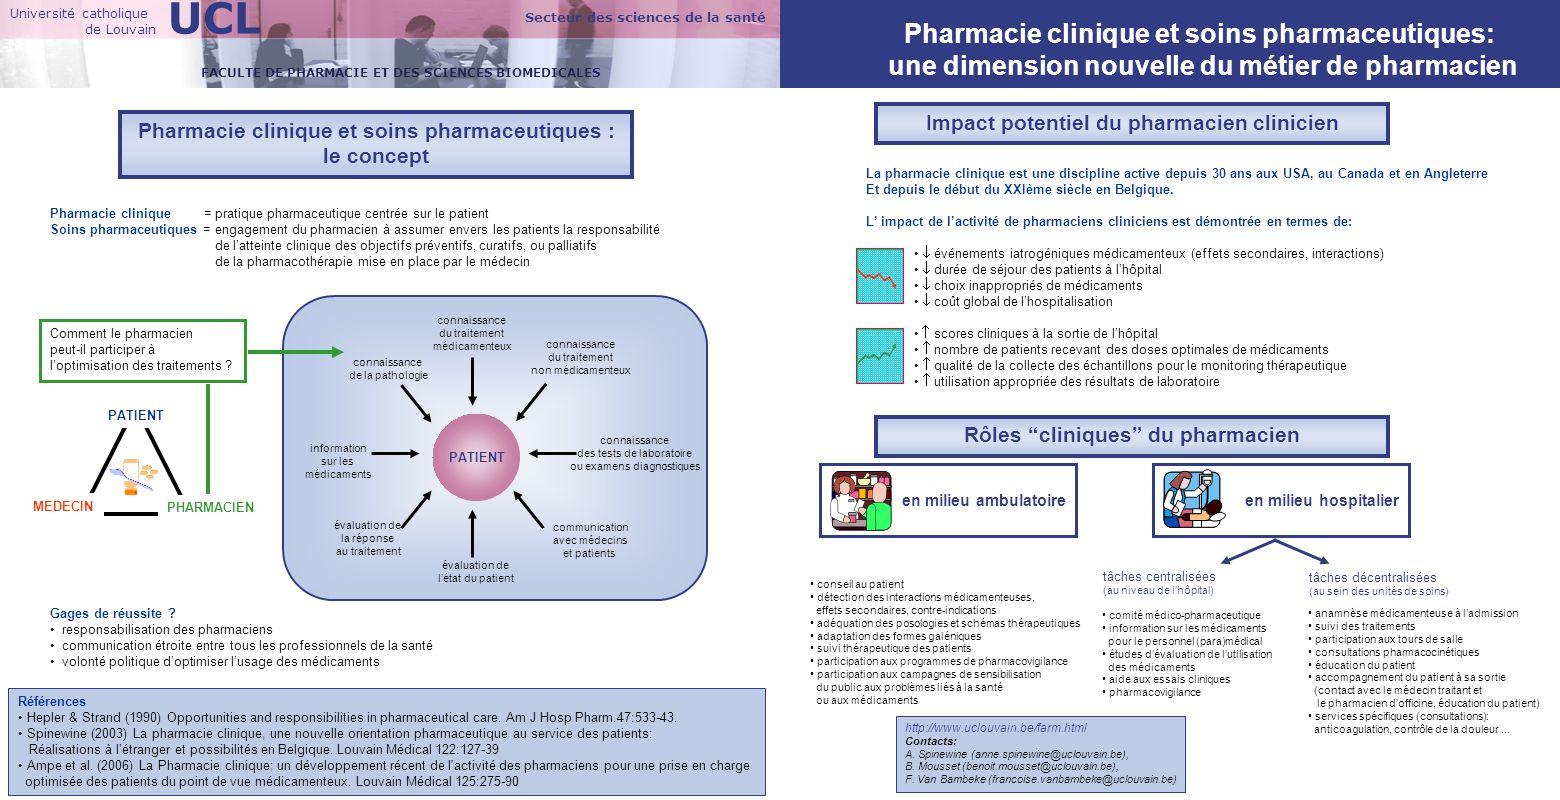 Pharmacie clinique et soins pharmaceutiques : le concept Pharmacie clinique = pratique pharmaceutique centrée sur le patient Soins pharmaceutiques = e